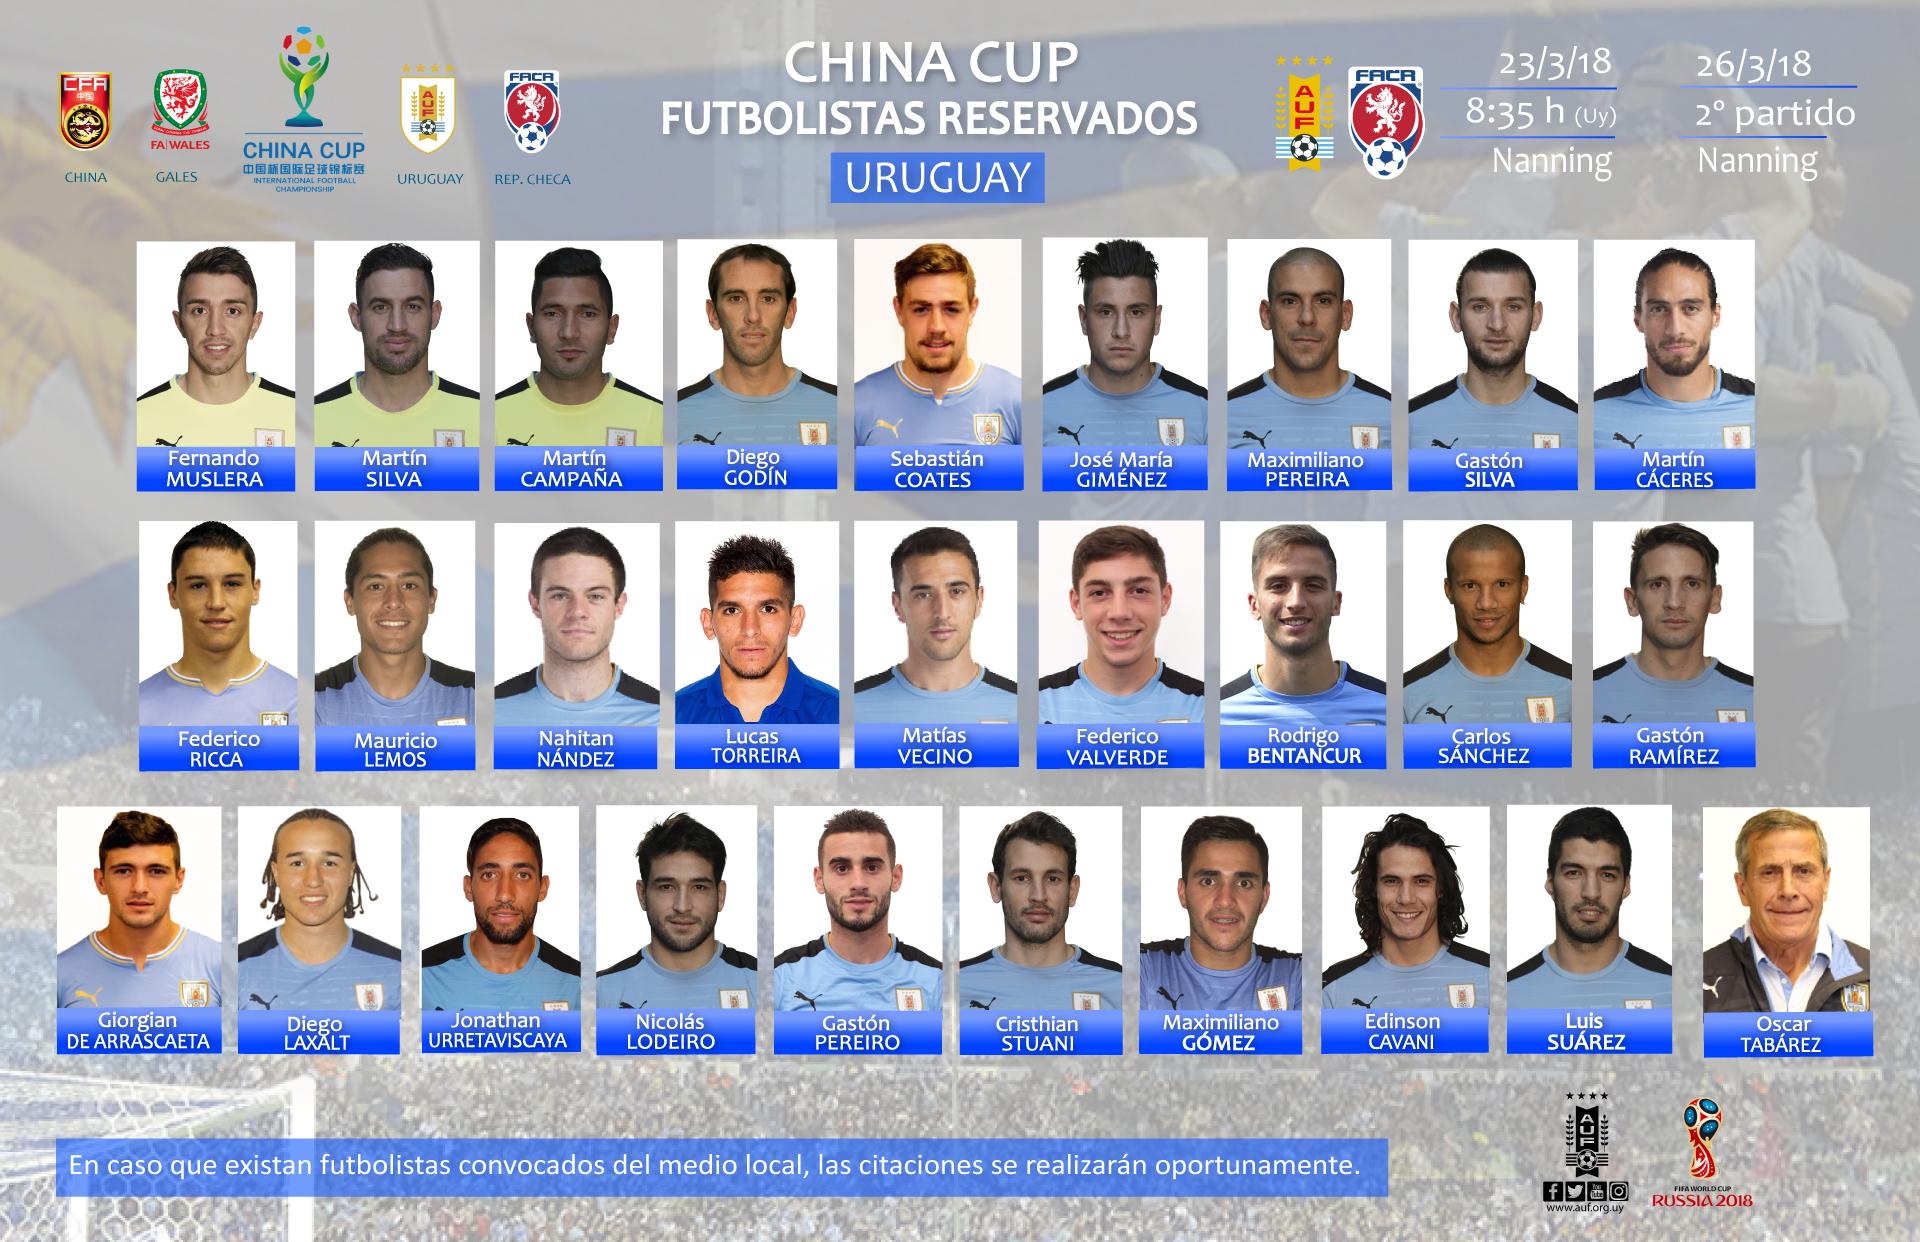 Lucas Torreira cumplirá su sueño: Tabárez lo reservó para la China Cup